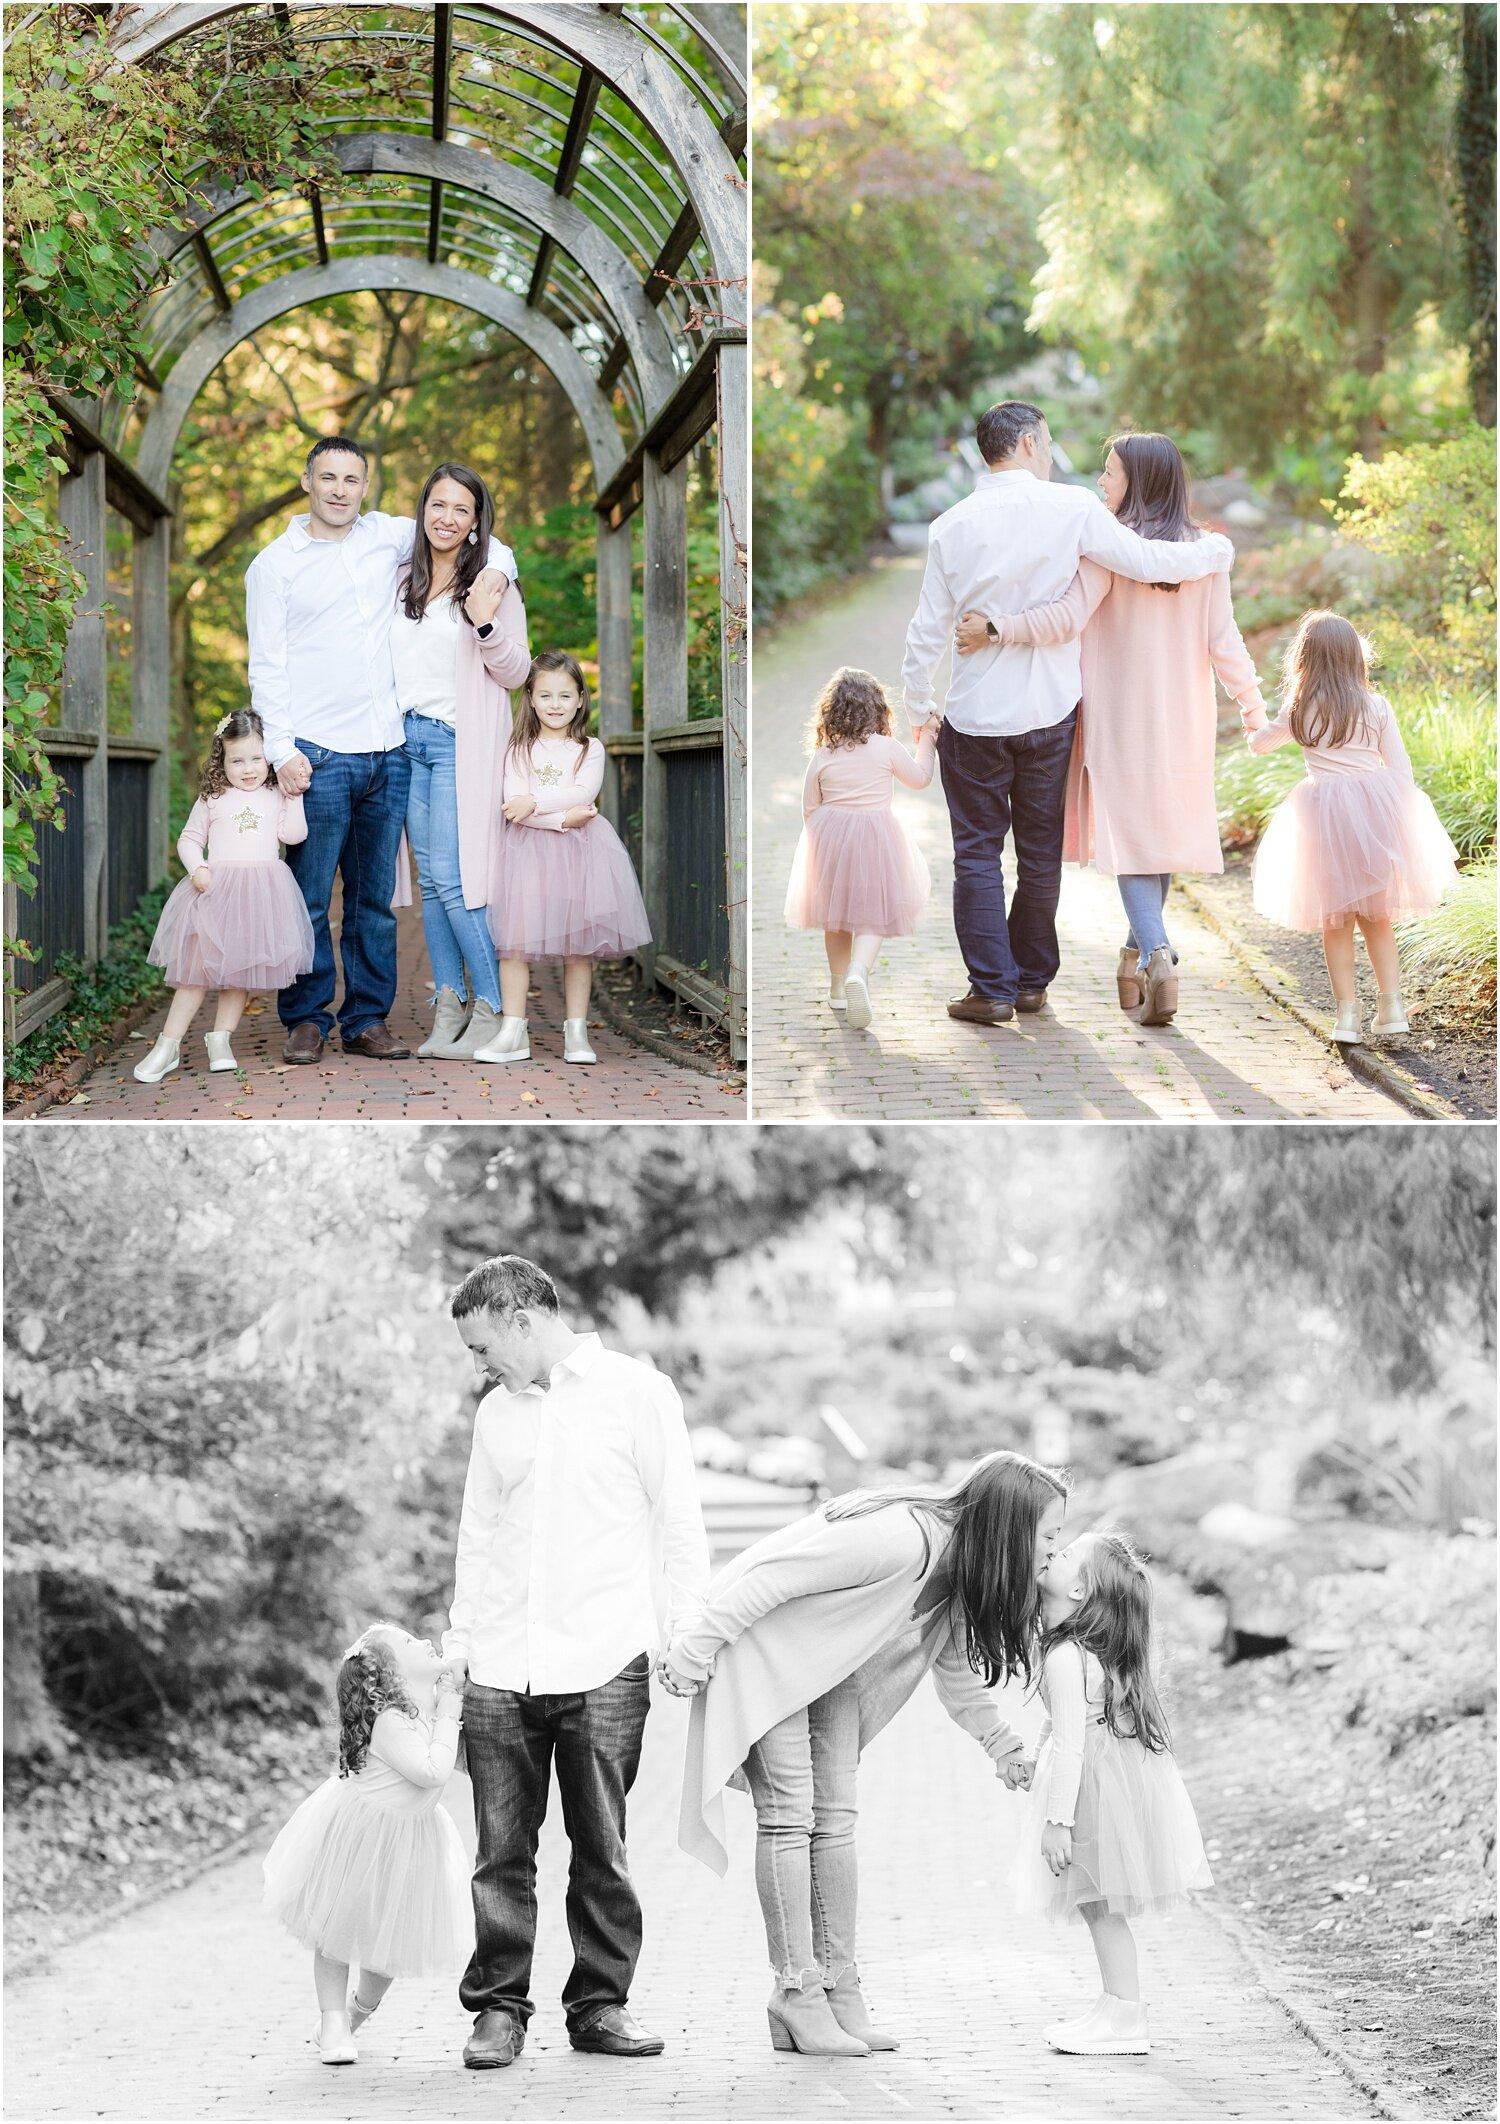 Candid family photos at Sayen Gardens.